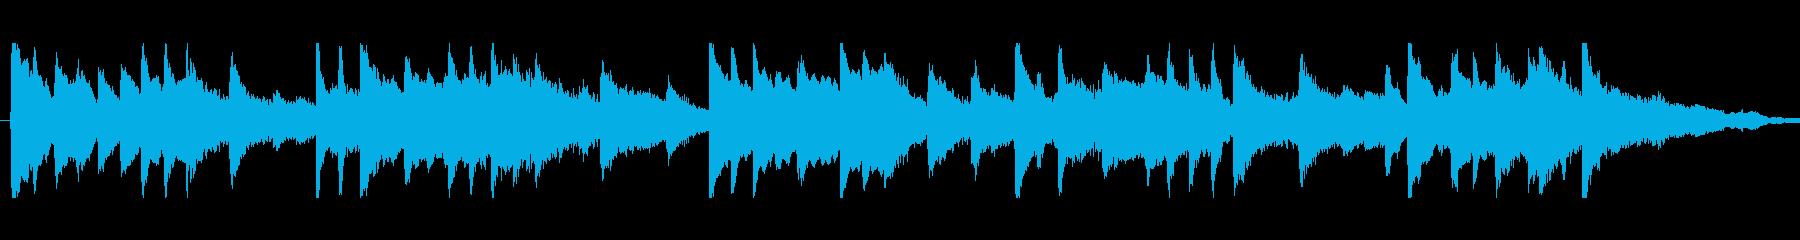 ピアノで奏でるエピローグの再生済みの波形